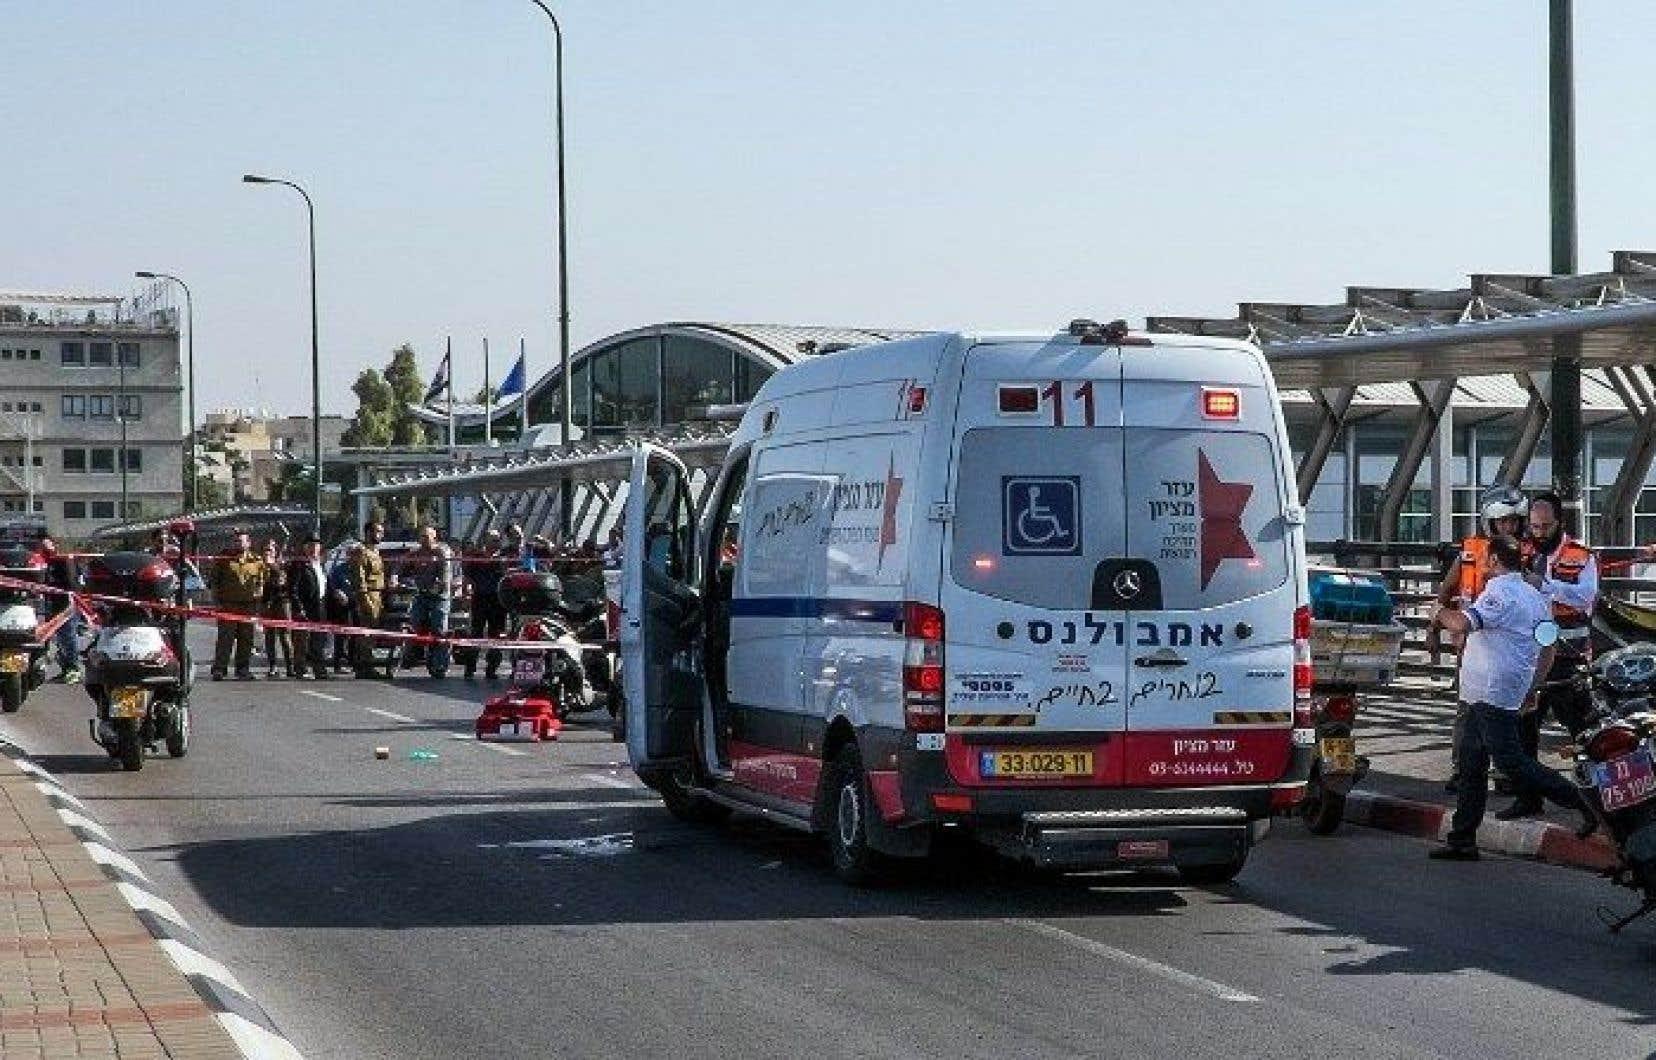 Un Palestinien de 17 ans a poignardé un soldat israélien près d'une gare ferroviaire de Tel-Aviv. Le soldat a succombé à ses blessures.